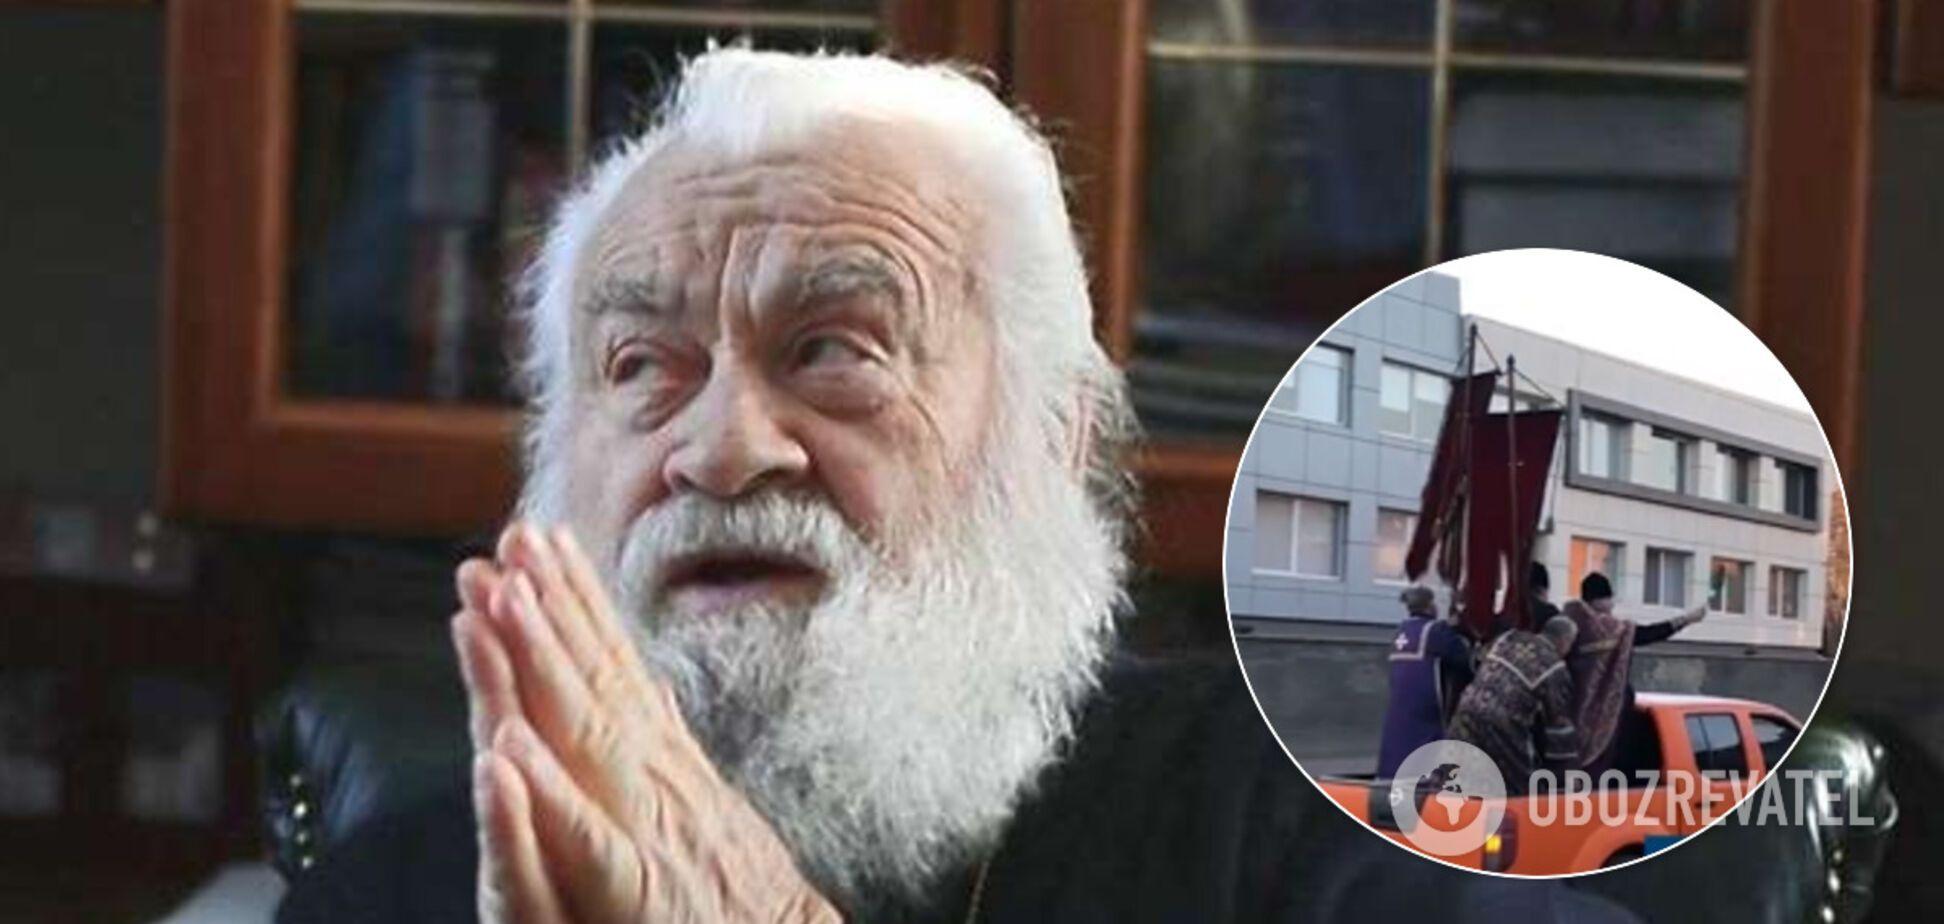 Митрополит МП Софроний угрожал журналисту после освящения Черкасс на пикапе